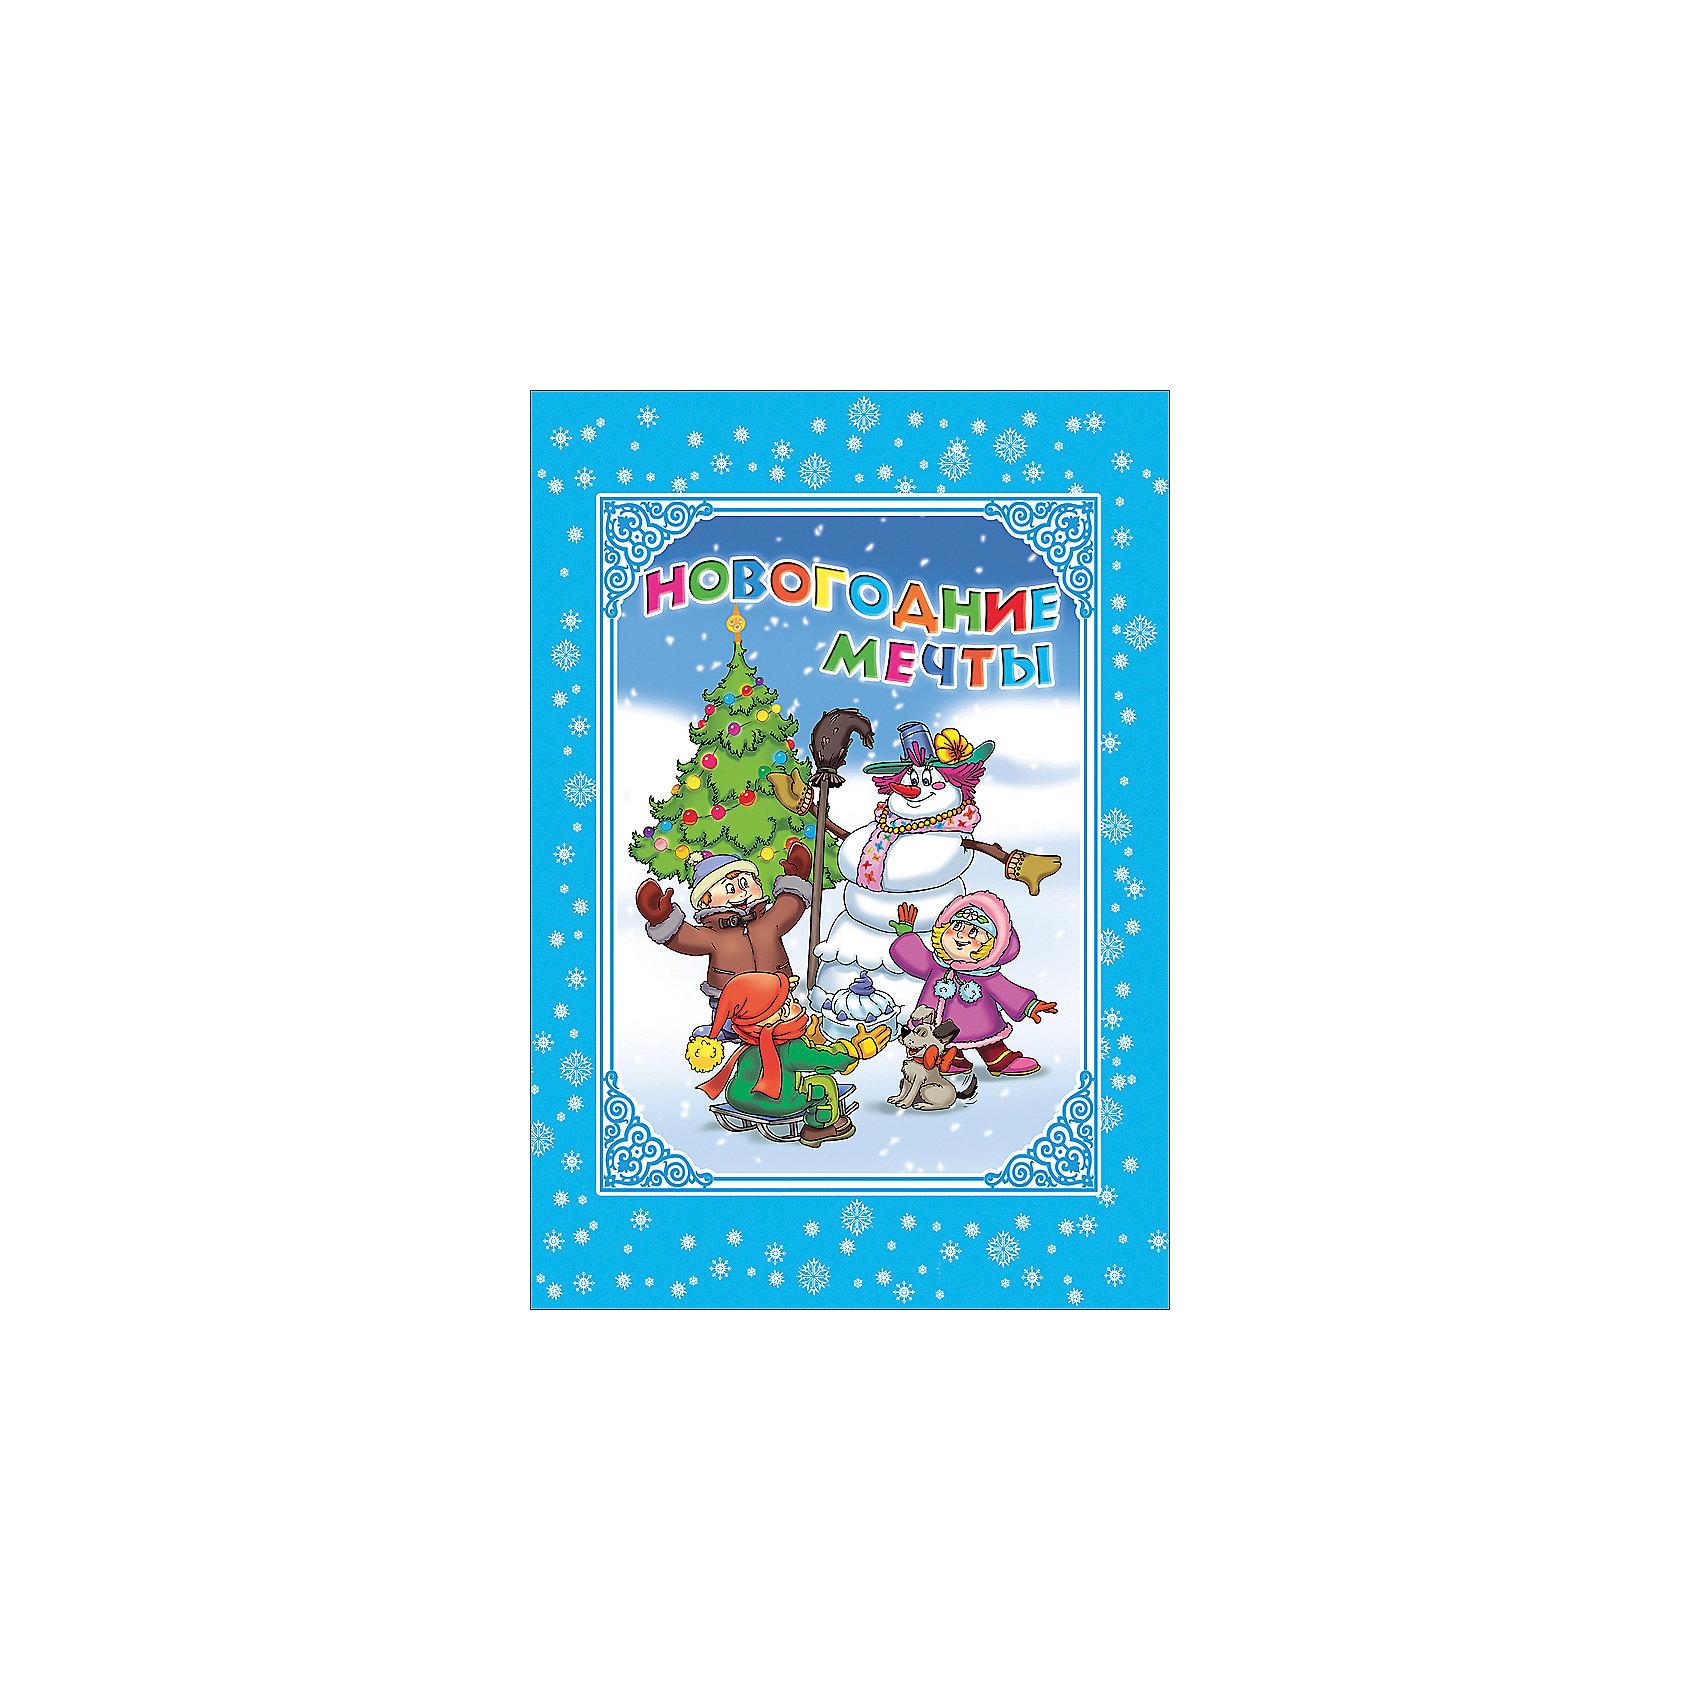 Книга с вырубкой Новогодние мечтыКниги с вырубкой разработаны специально для самых юных читателей. Вырубка по контуру создаёт ощущение настоящей забавной книжки-игрушки.<br><br>Ширина мм: 160<br>Глубина мм: 5<br>Высота мм: 220<br>Вес г: 145<br>Возраст от месяцев: 12<br>Возраст до месяцев: 60<br>Пол: Унисекс<br>Возраст: Детский<br>SKU: 5100014